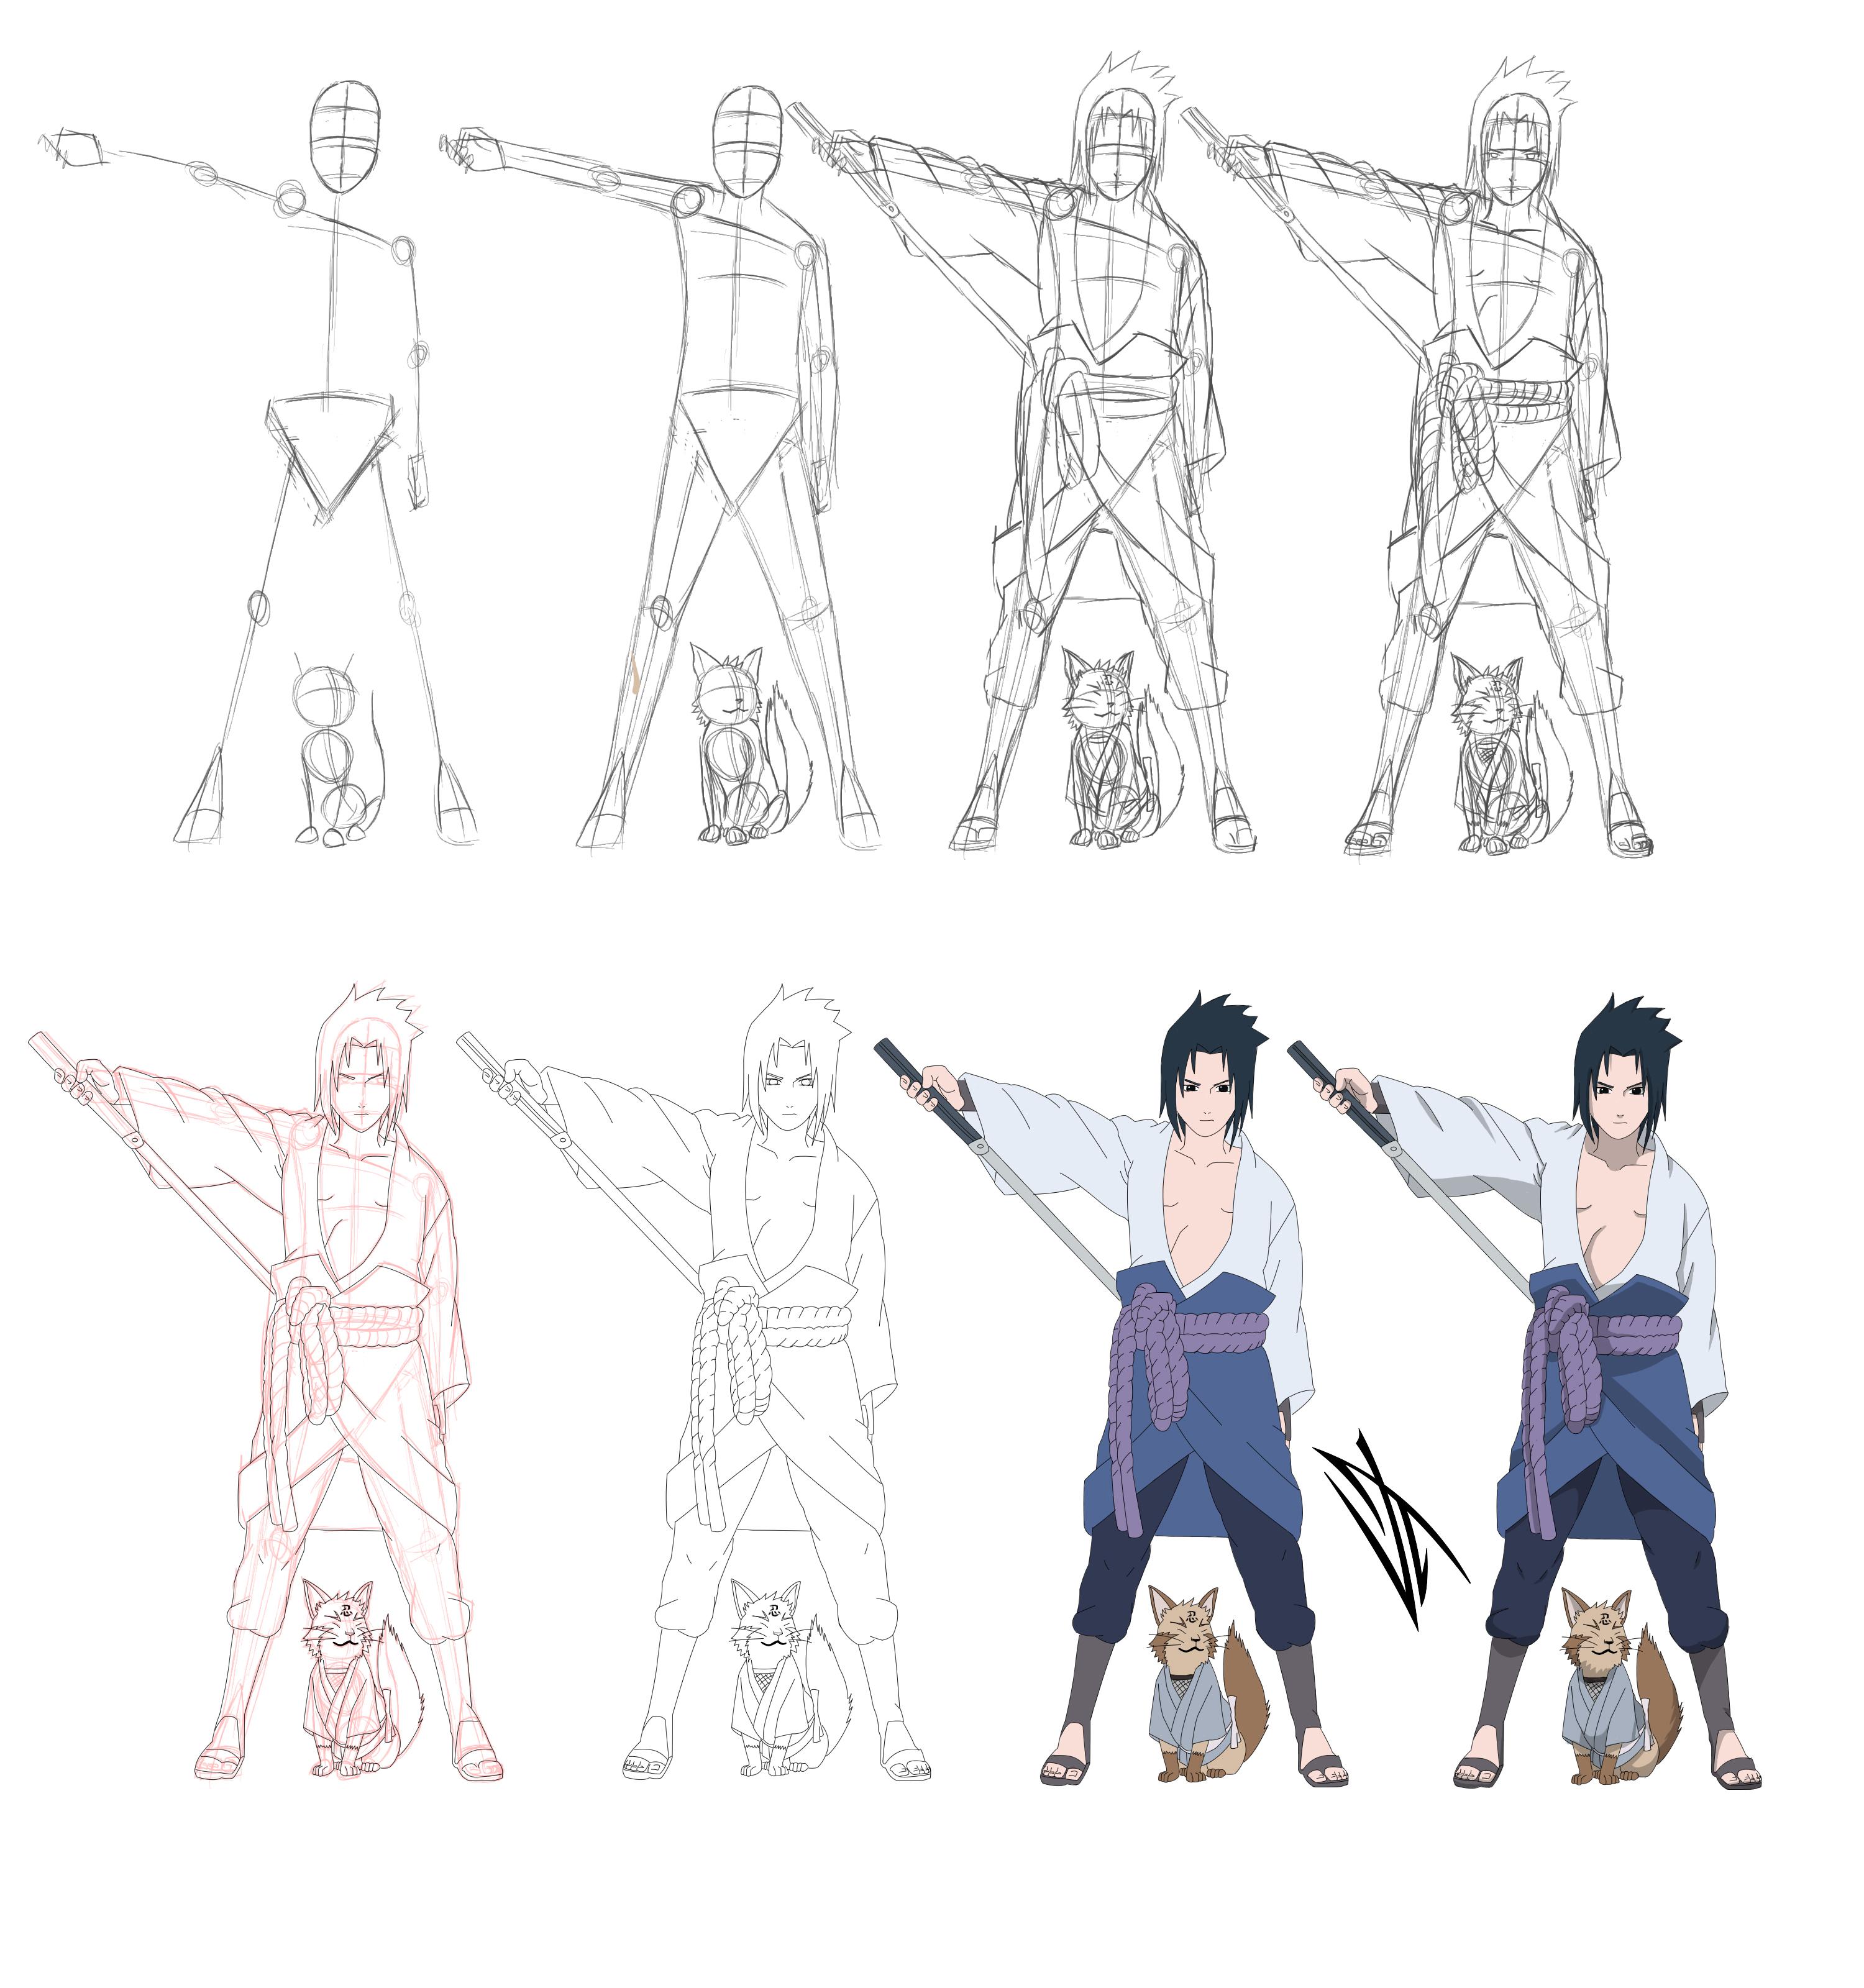 How To Draw Chibi Miku Step By Step: Uchiha Sasuke By Johnnywolf Tutorial:  Angry